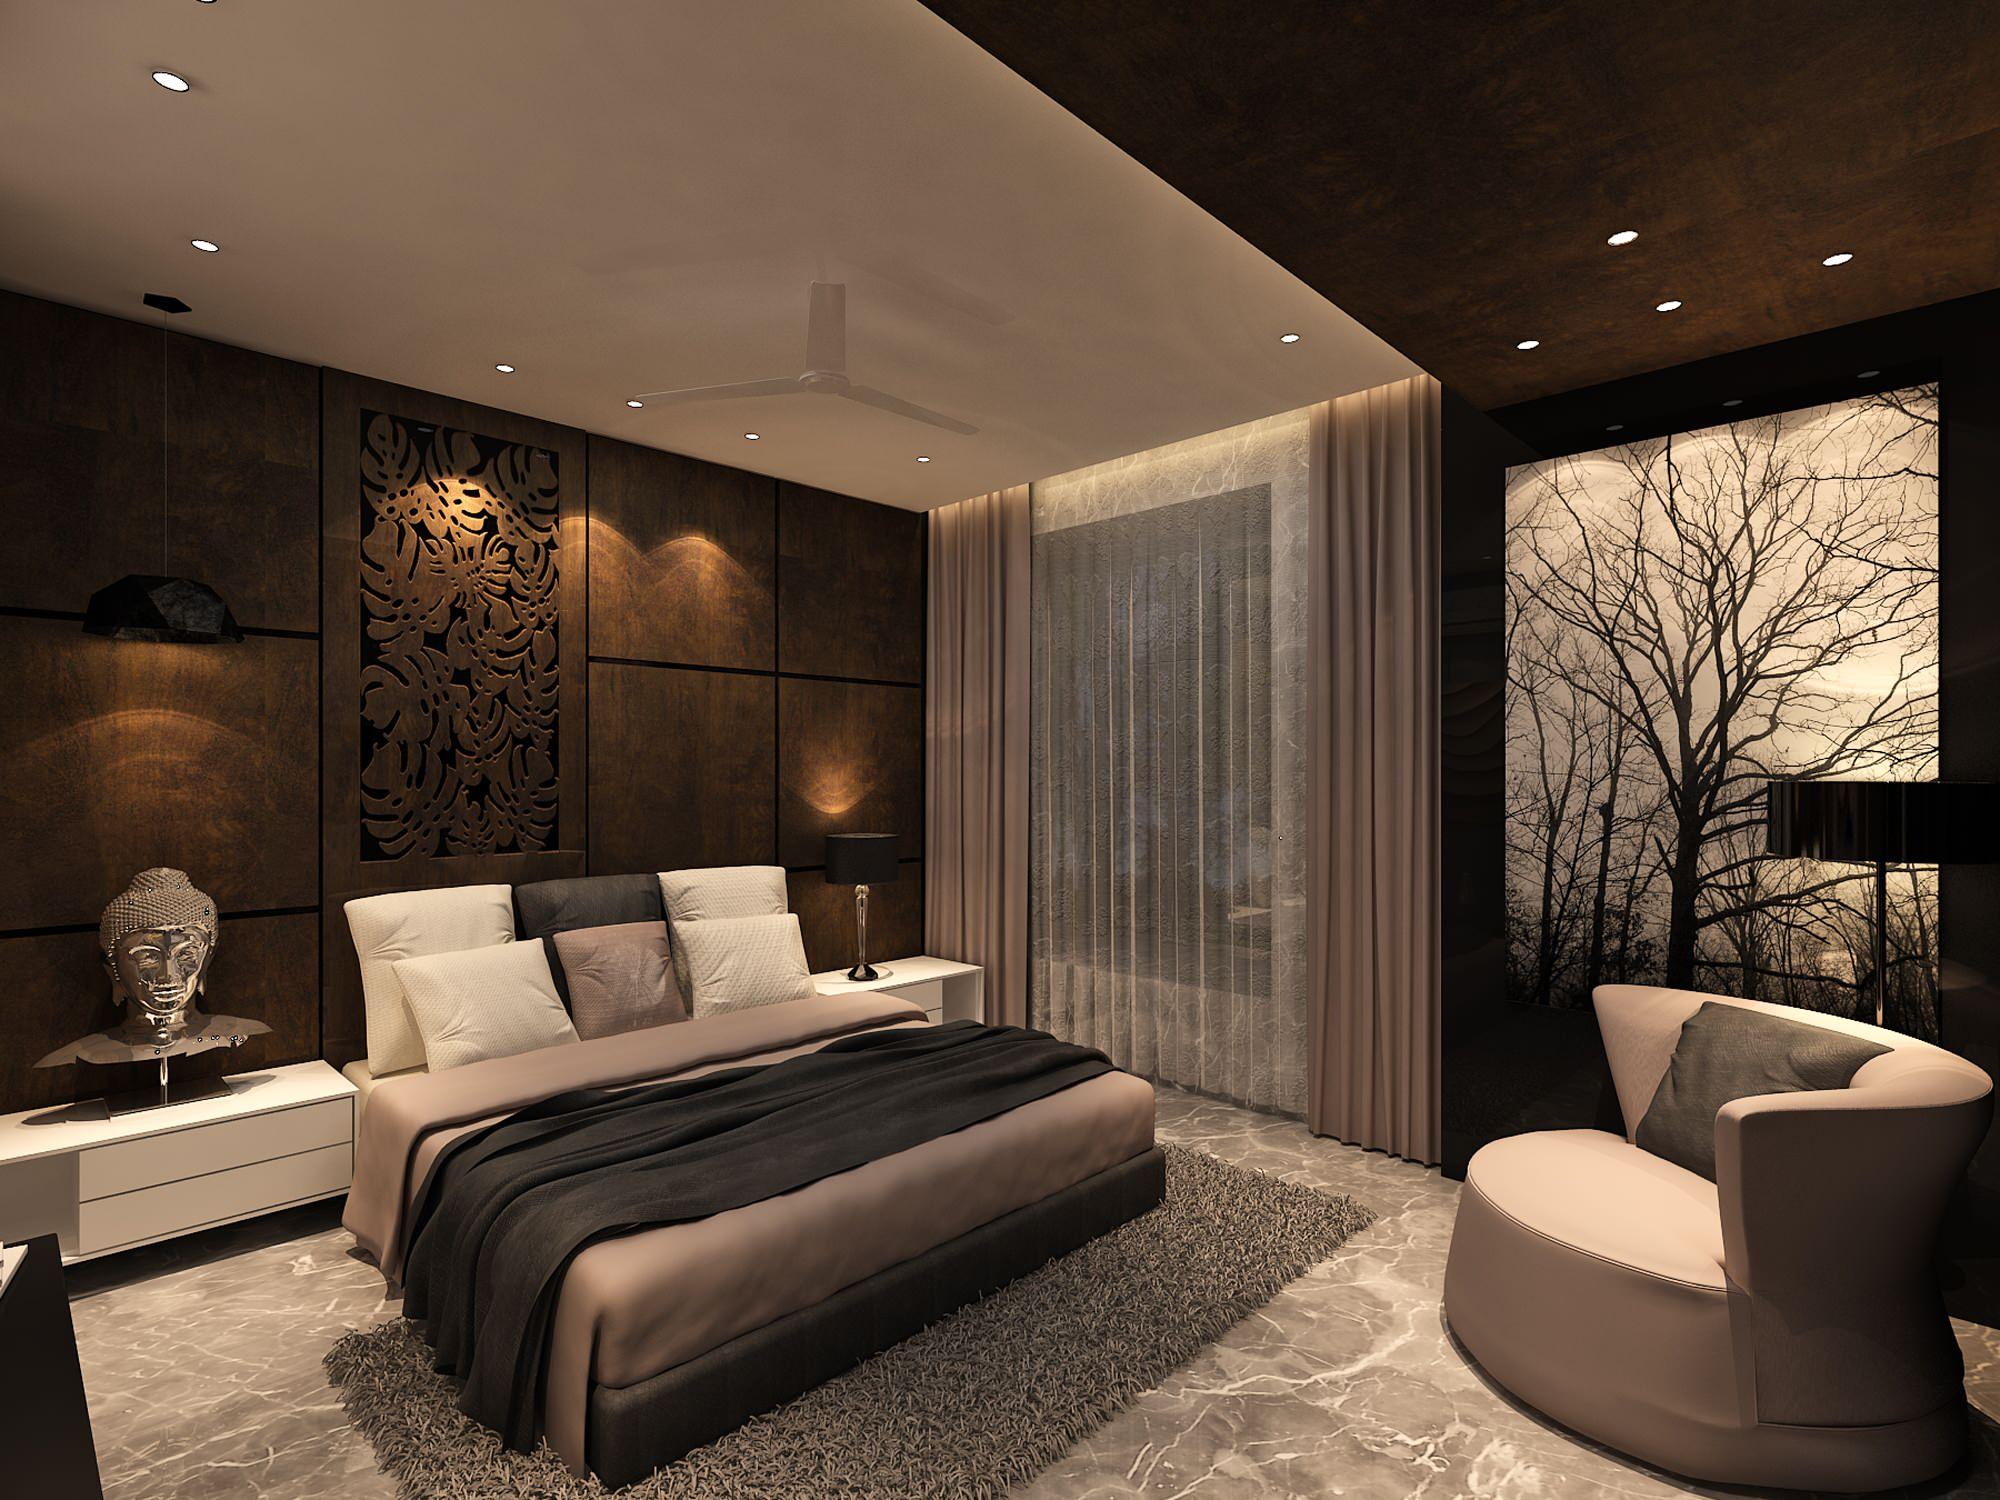 75 Beautiful Black Marble Floor Bedroom Pictures Ideas December 2020 Houzz